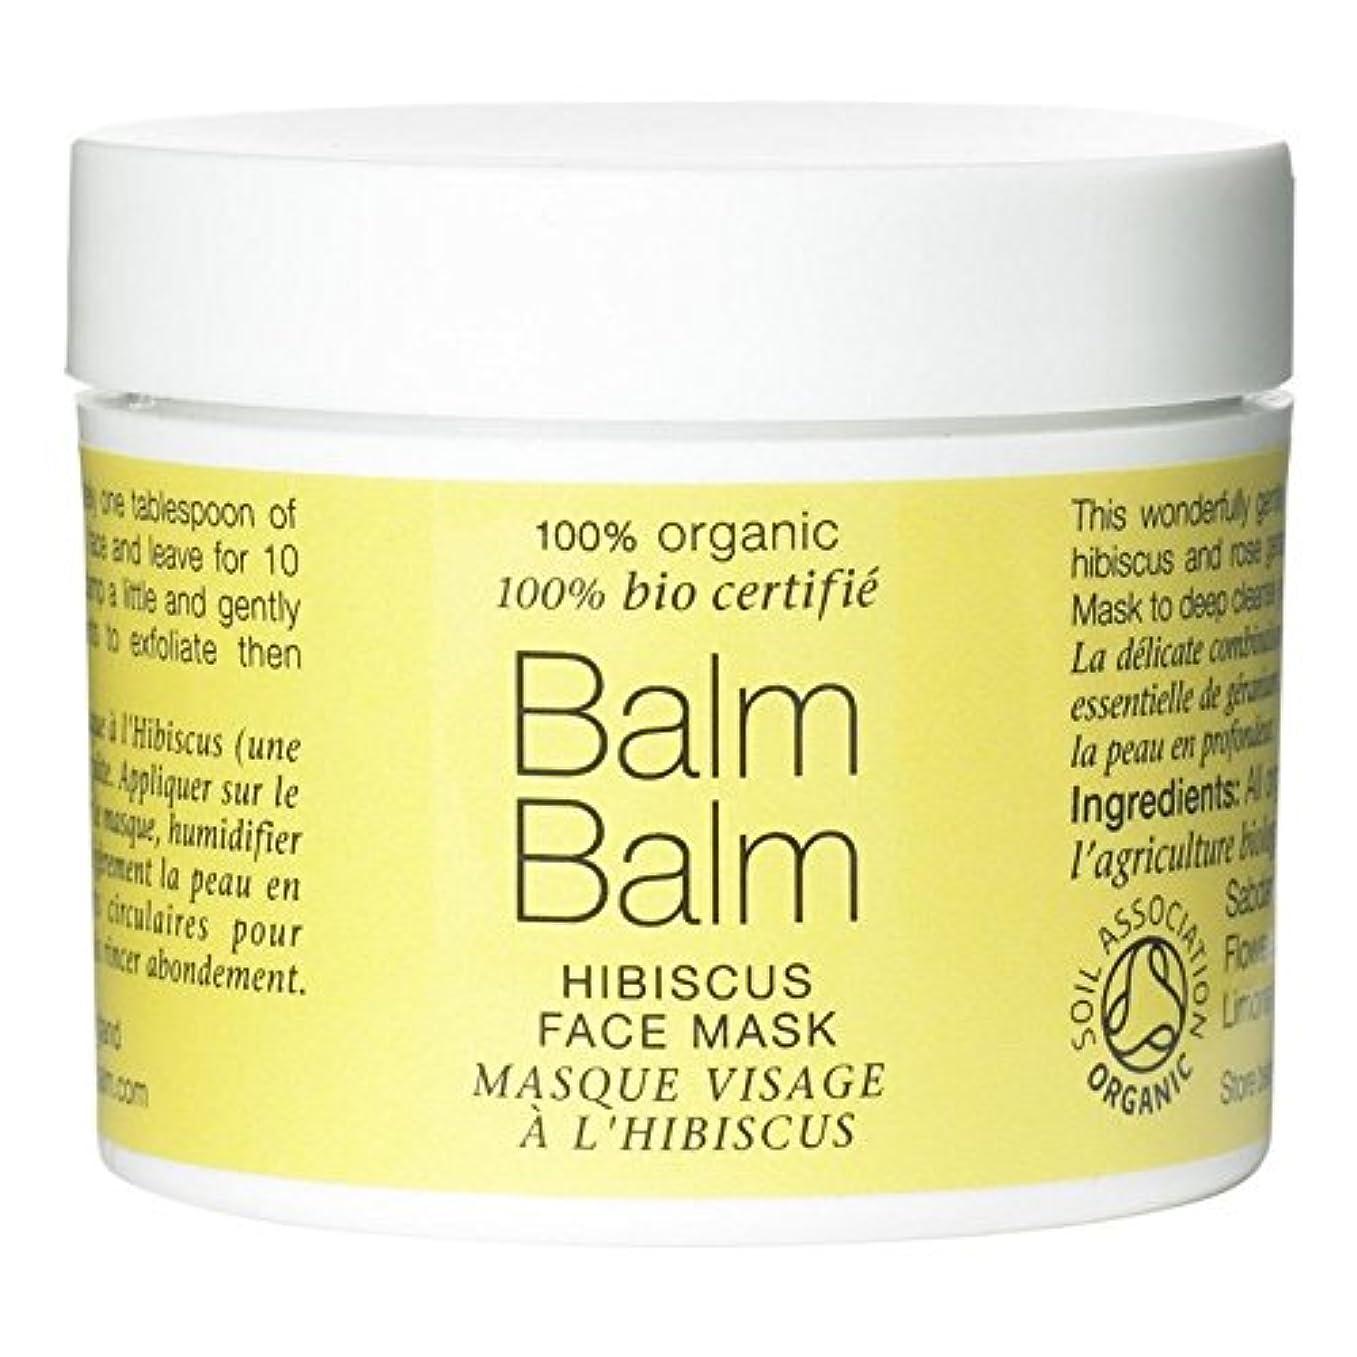 偽チチカカ湖確認するバームバームオーガニックハイビスカスフェイスマスク100グラム x2 - Balm Balm Organic Hibiscus Face Mask 100g (Pack of 2) [並行輸入品]